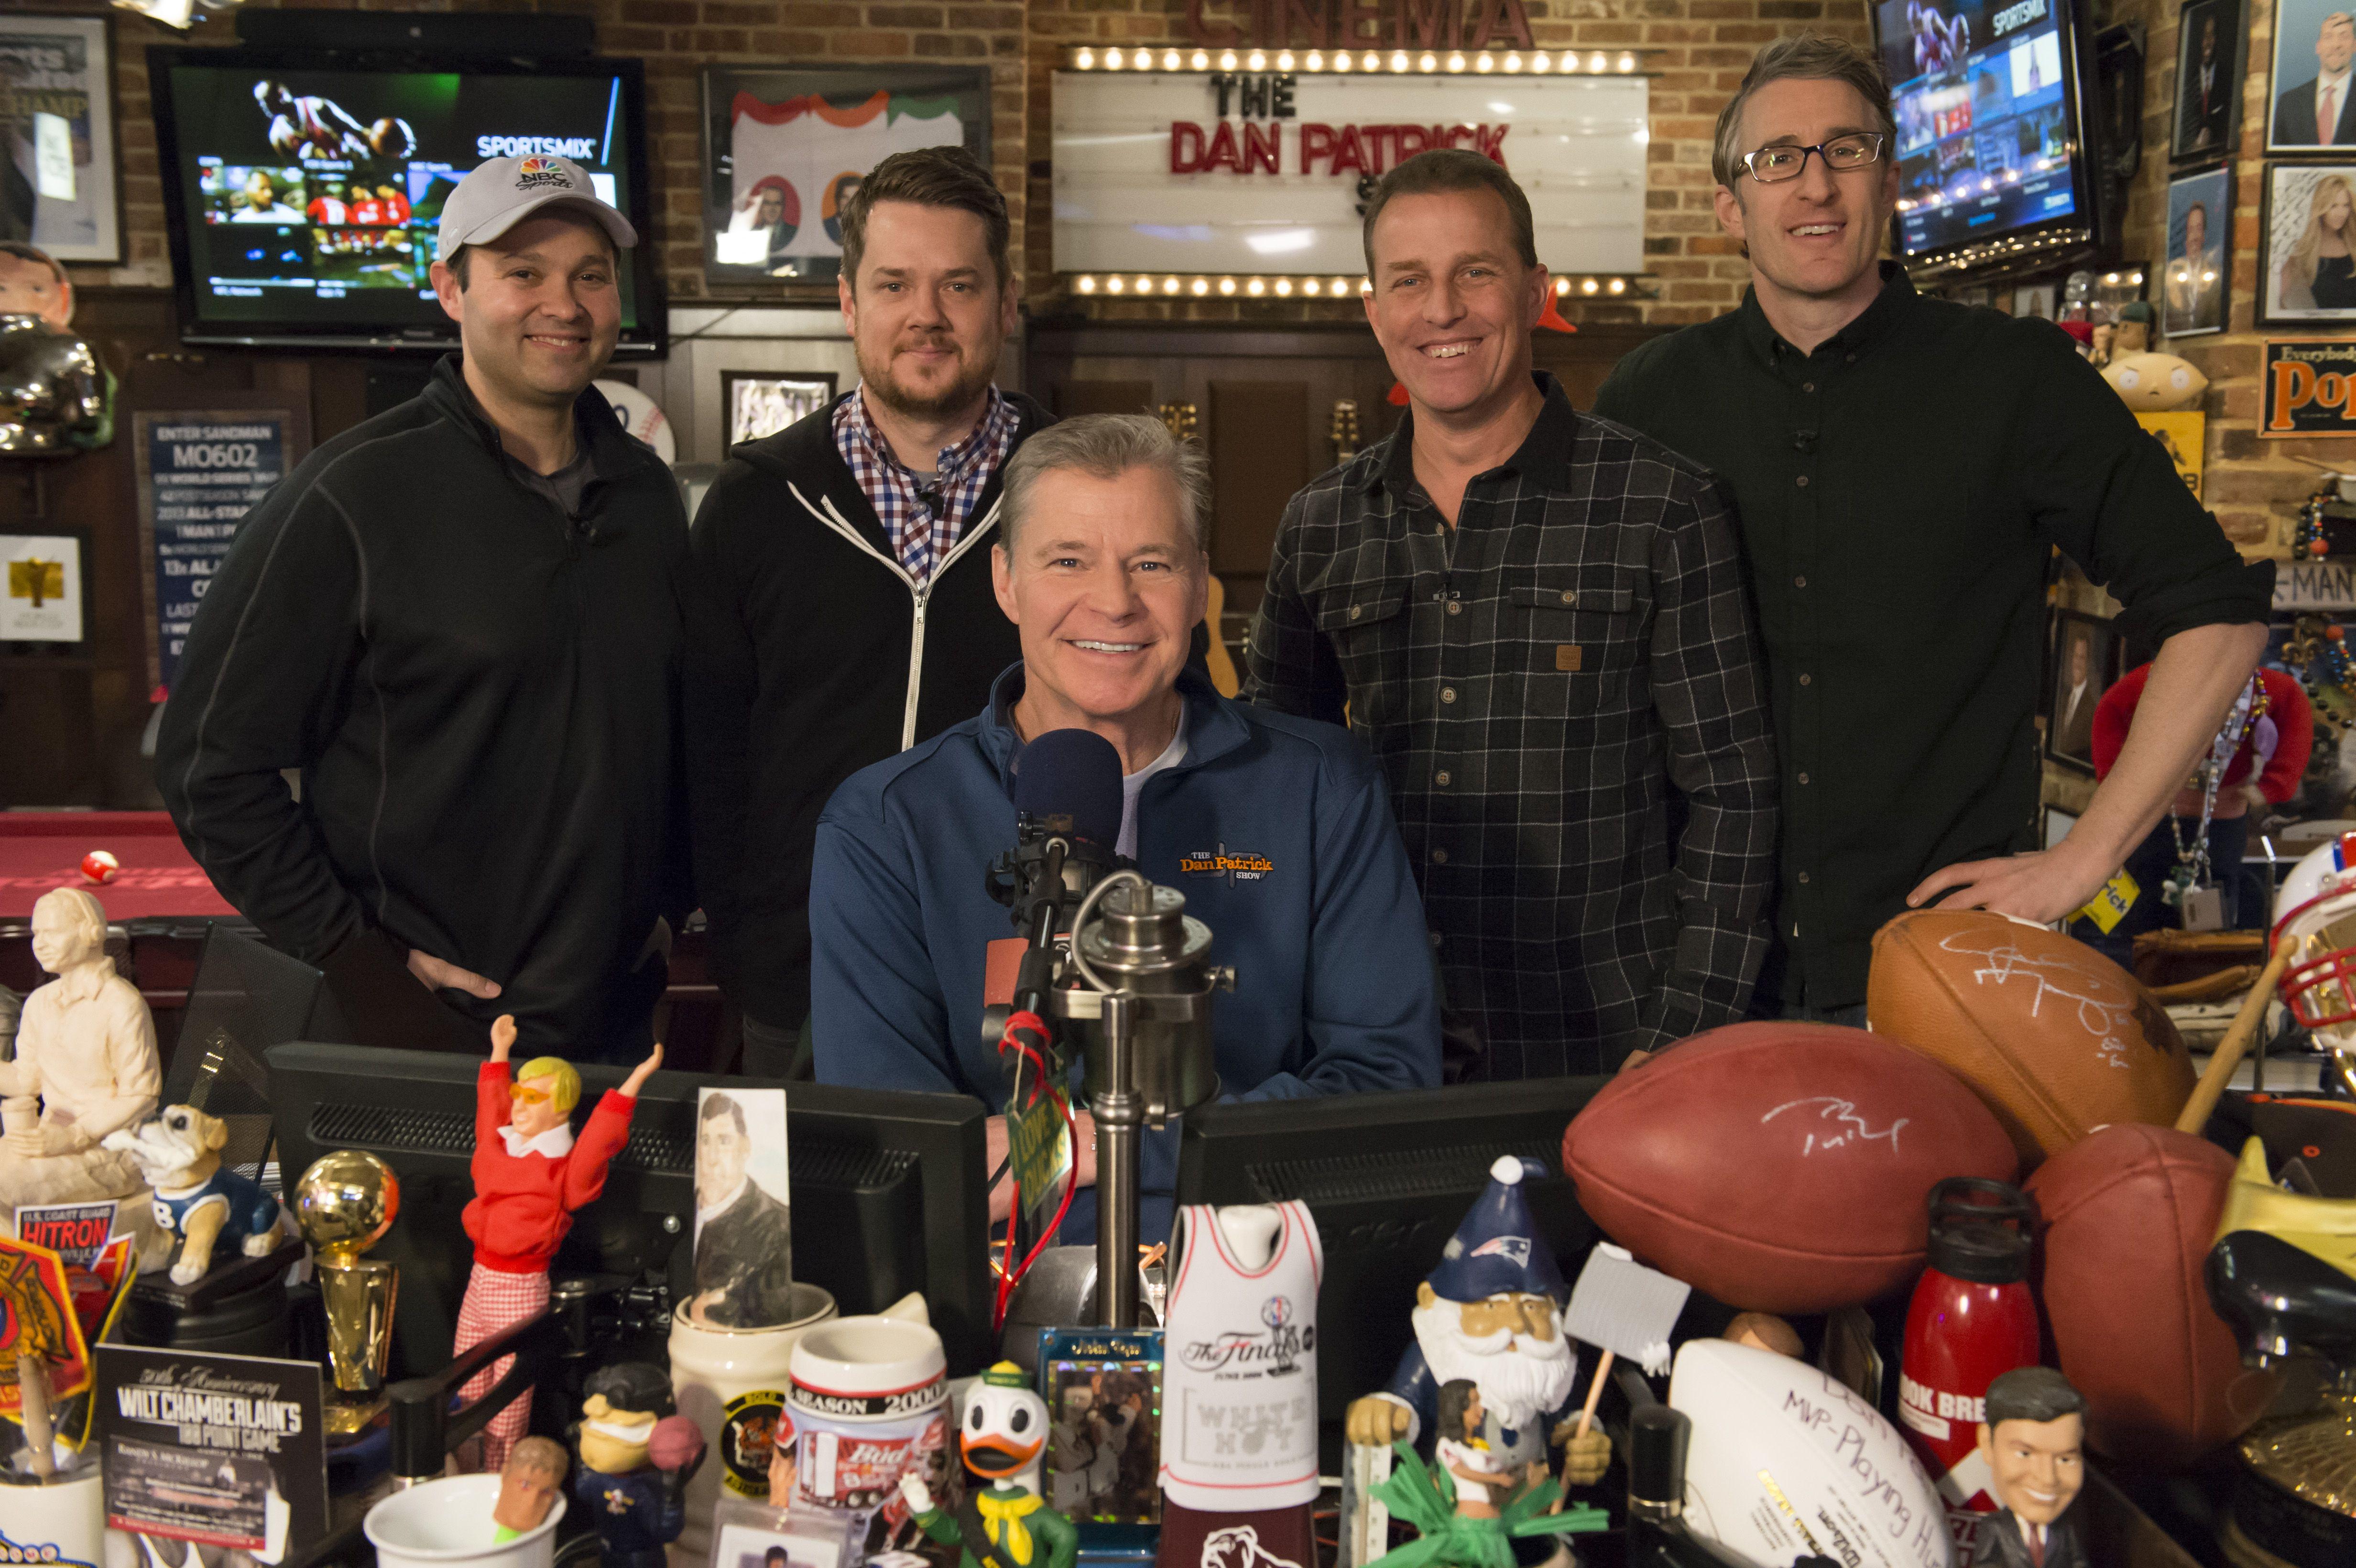 Man Caves Dan Patrick : The dan patrick show fox sports radio nbcsn favorite